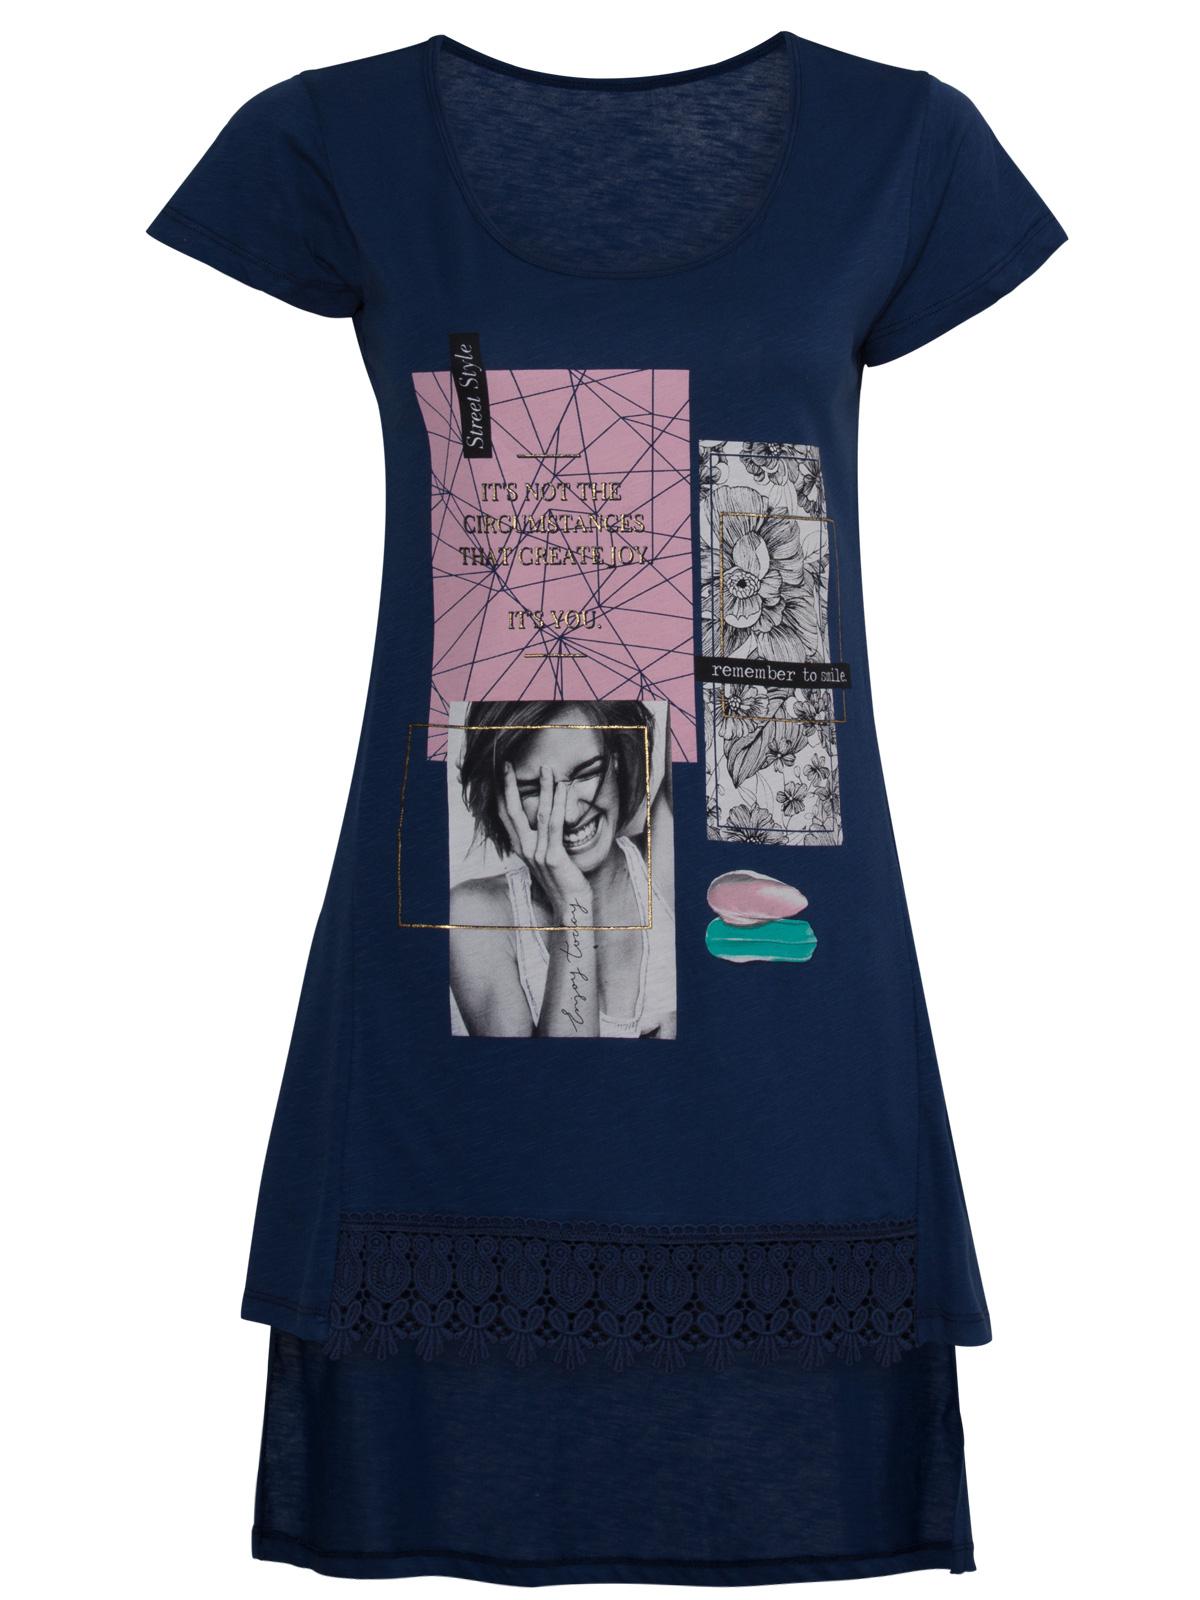 Γυναικείο Μακρύ T-Shirt με Δαντέλα και Τύπωμα